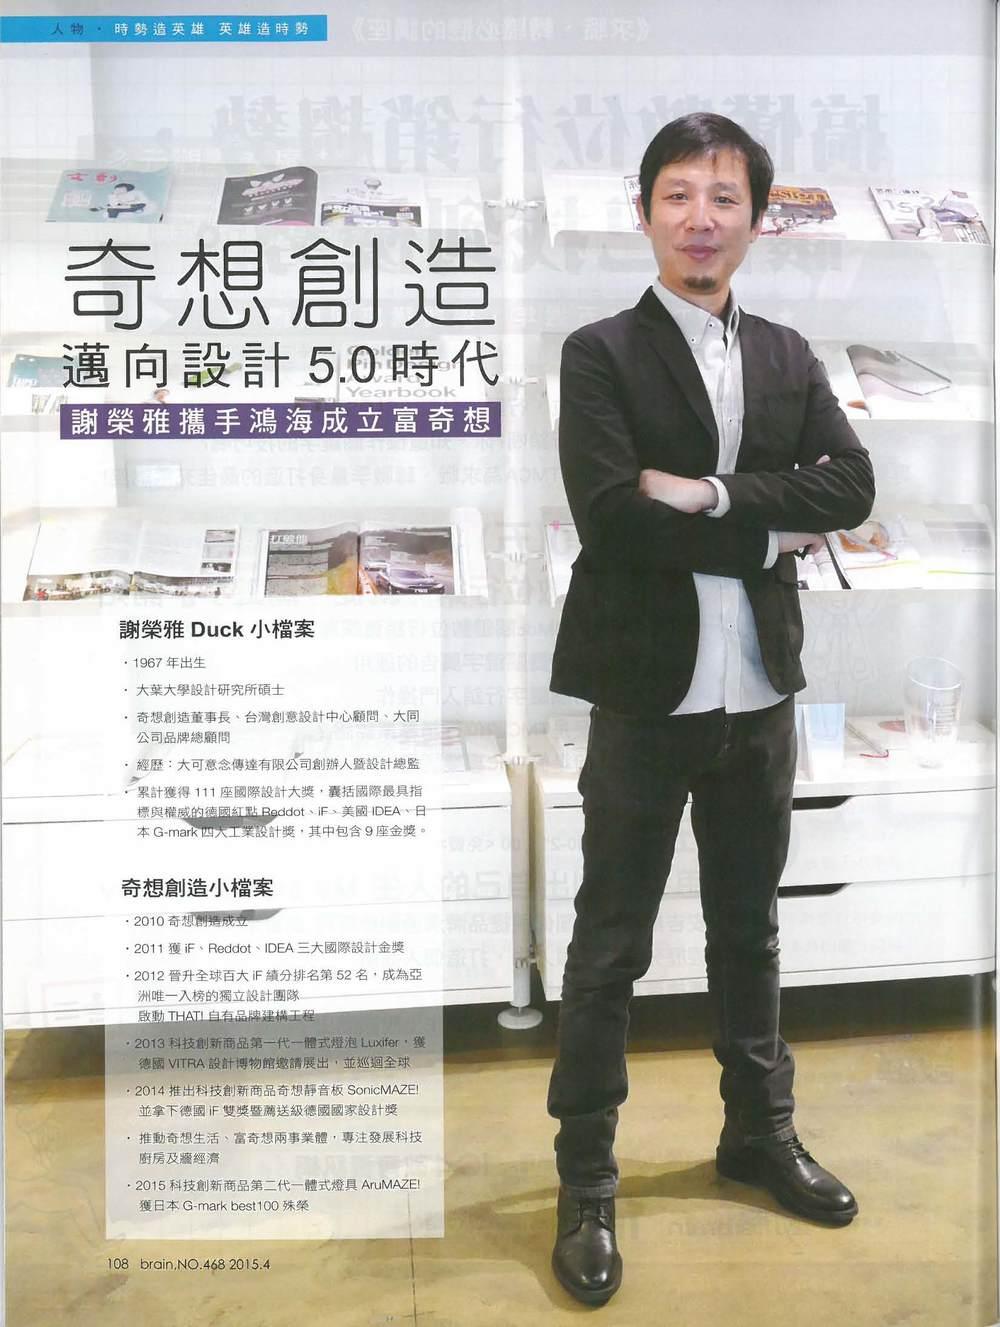 奇想創造 邁向設計5.0時代_動腦雜誌_2015.04.jpg